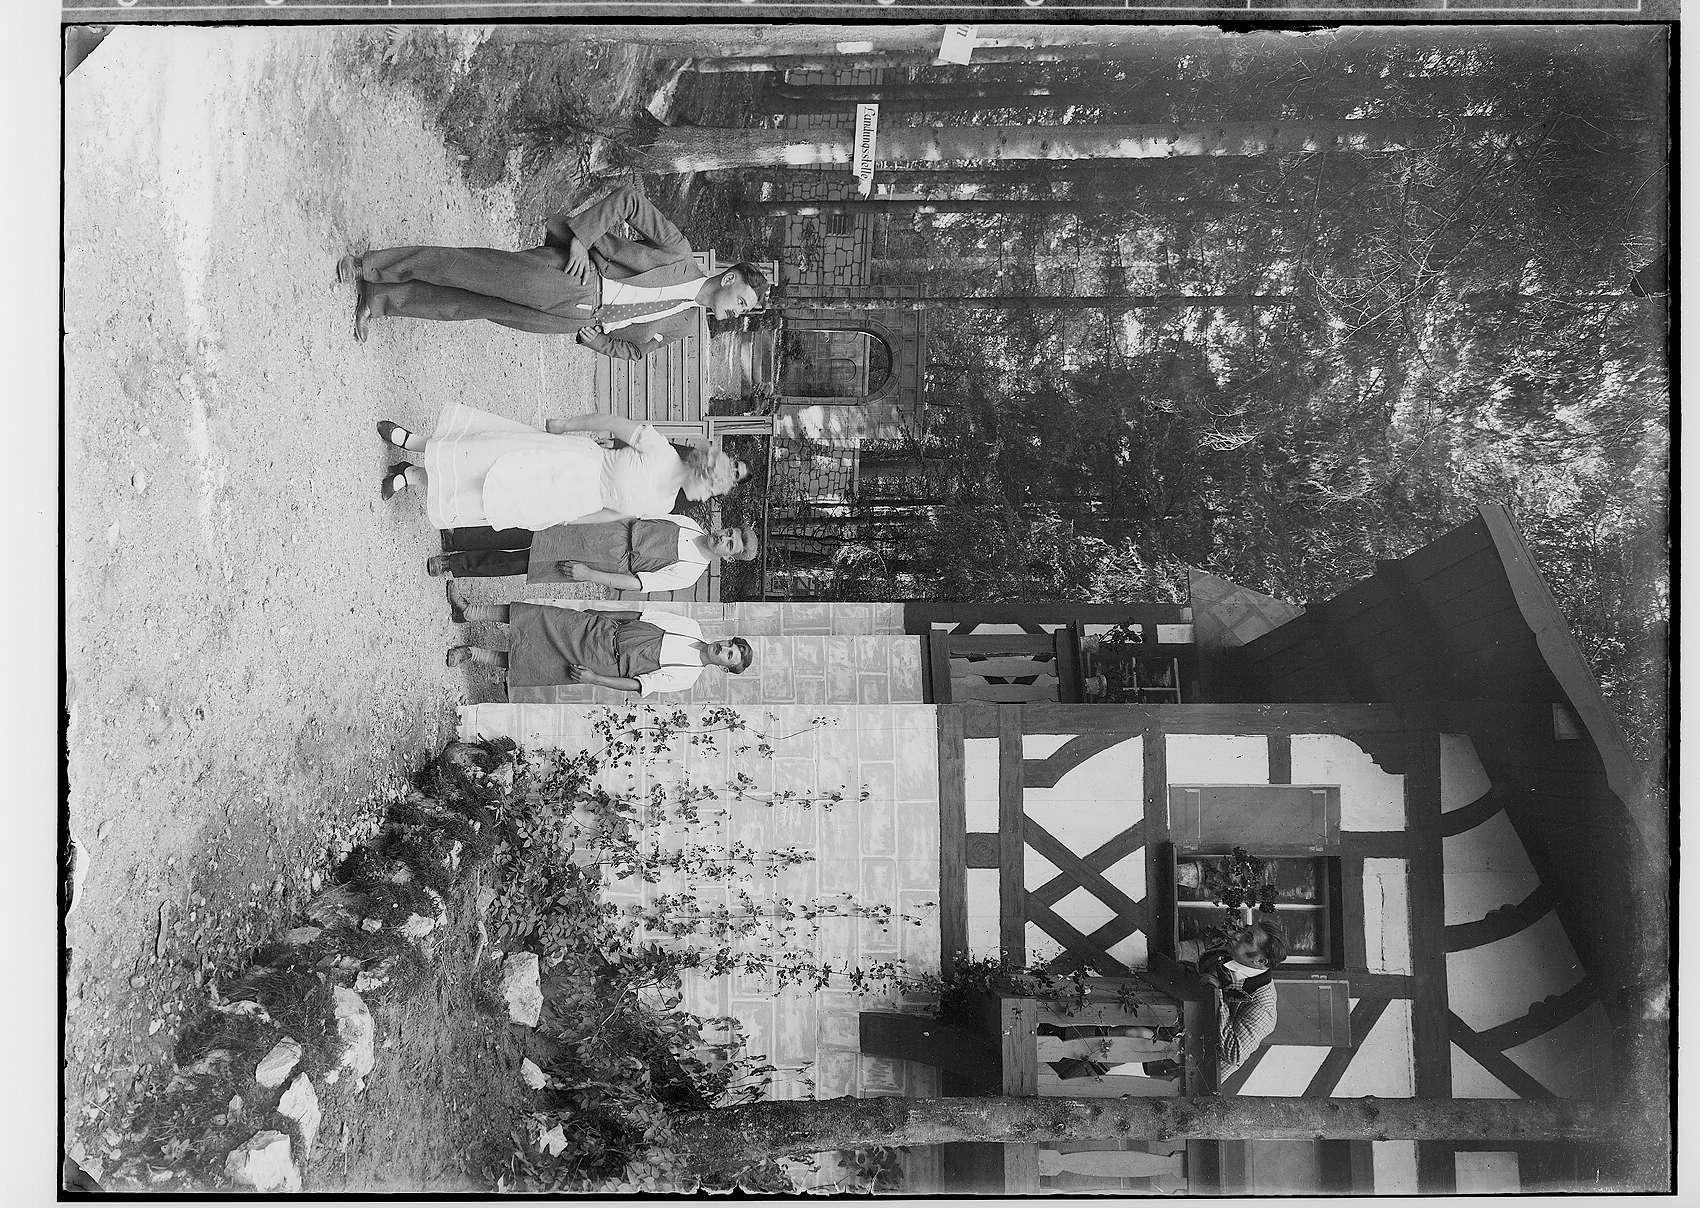 Waldbühne Sigmaringendorf - Im weißen Rösl von Kadelburg (Blumenthal); Szenenbild, Bild 1